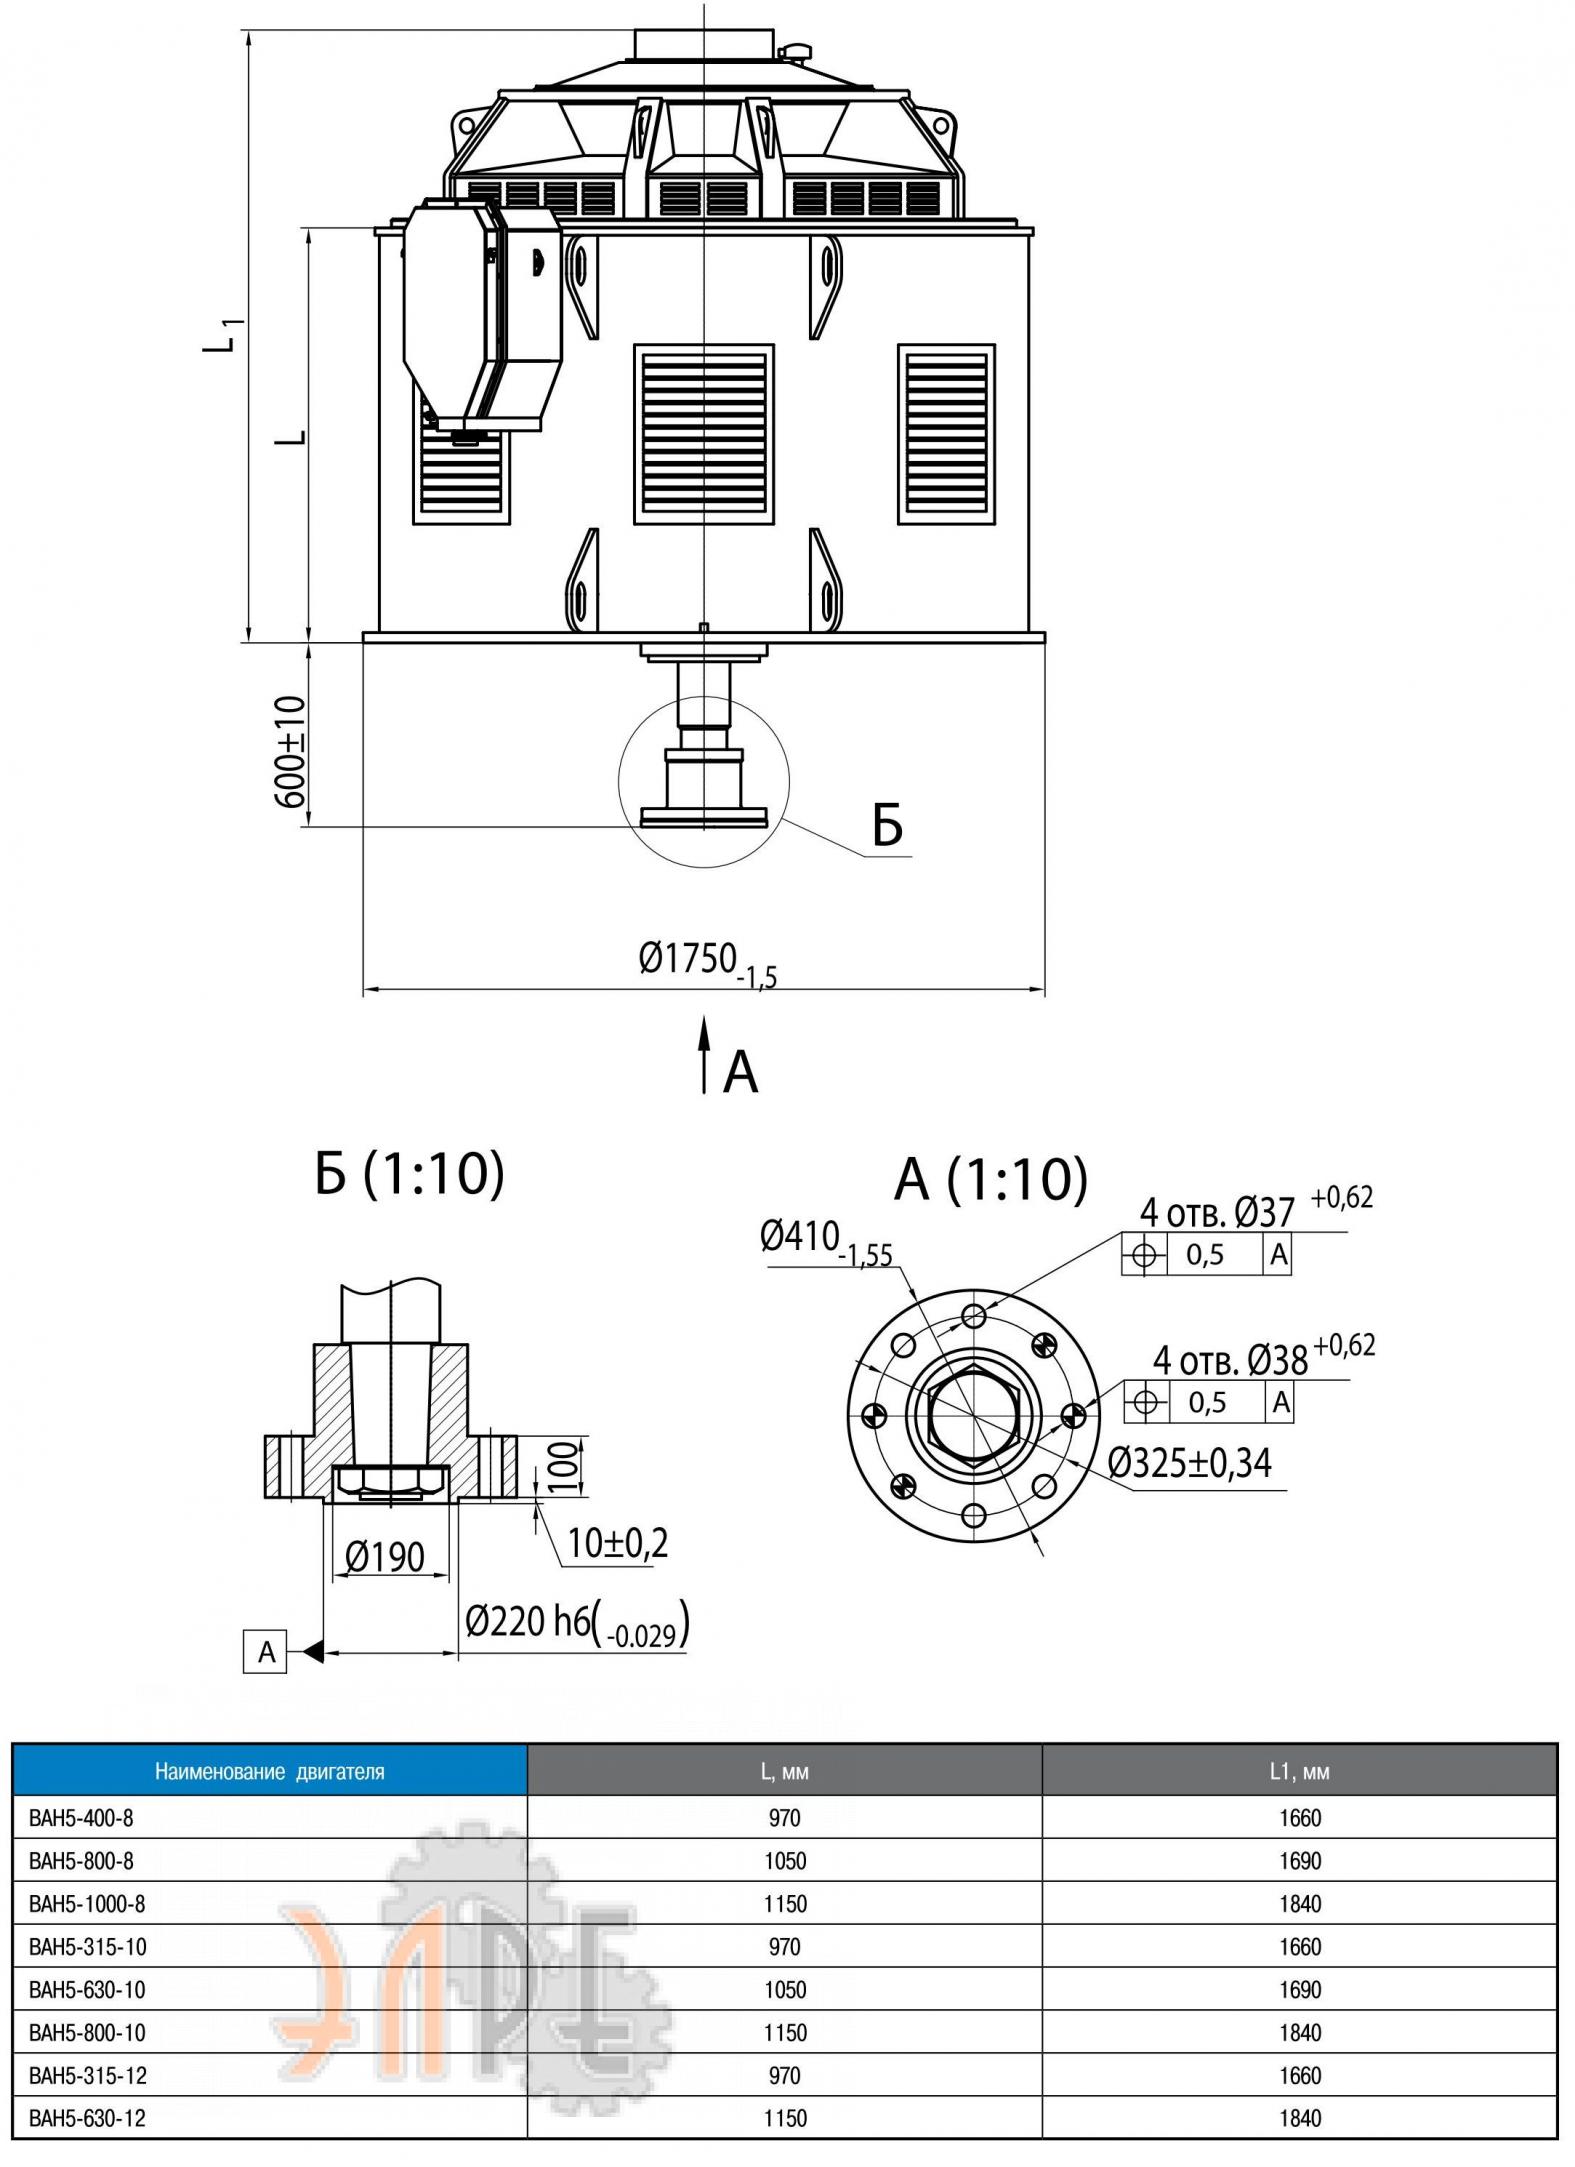 Габаритные размеры двигатель ВАН-5-800-10